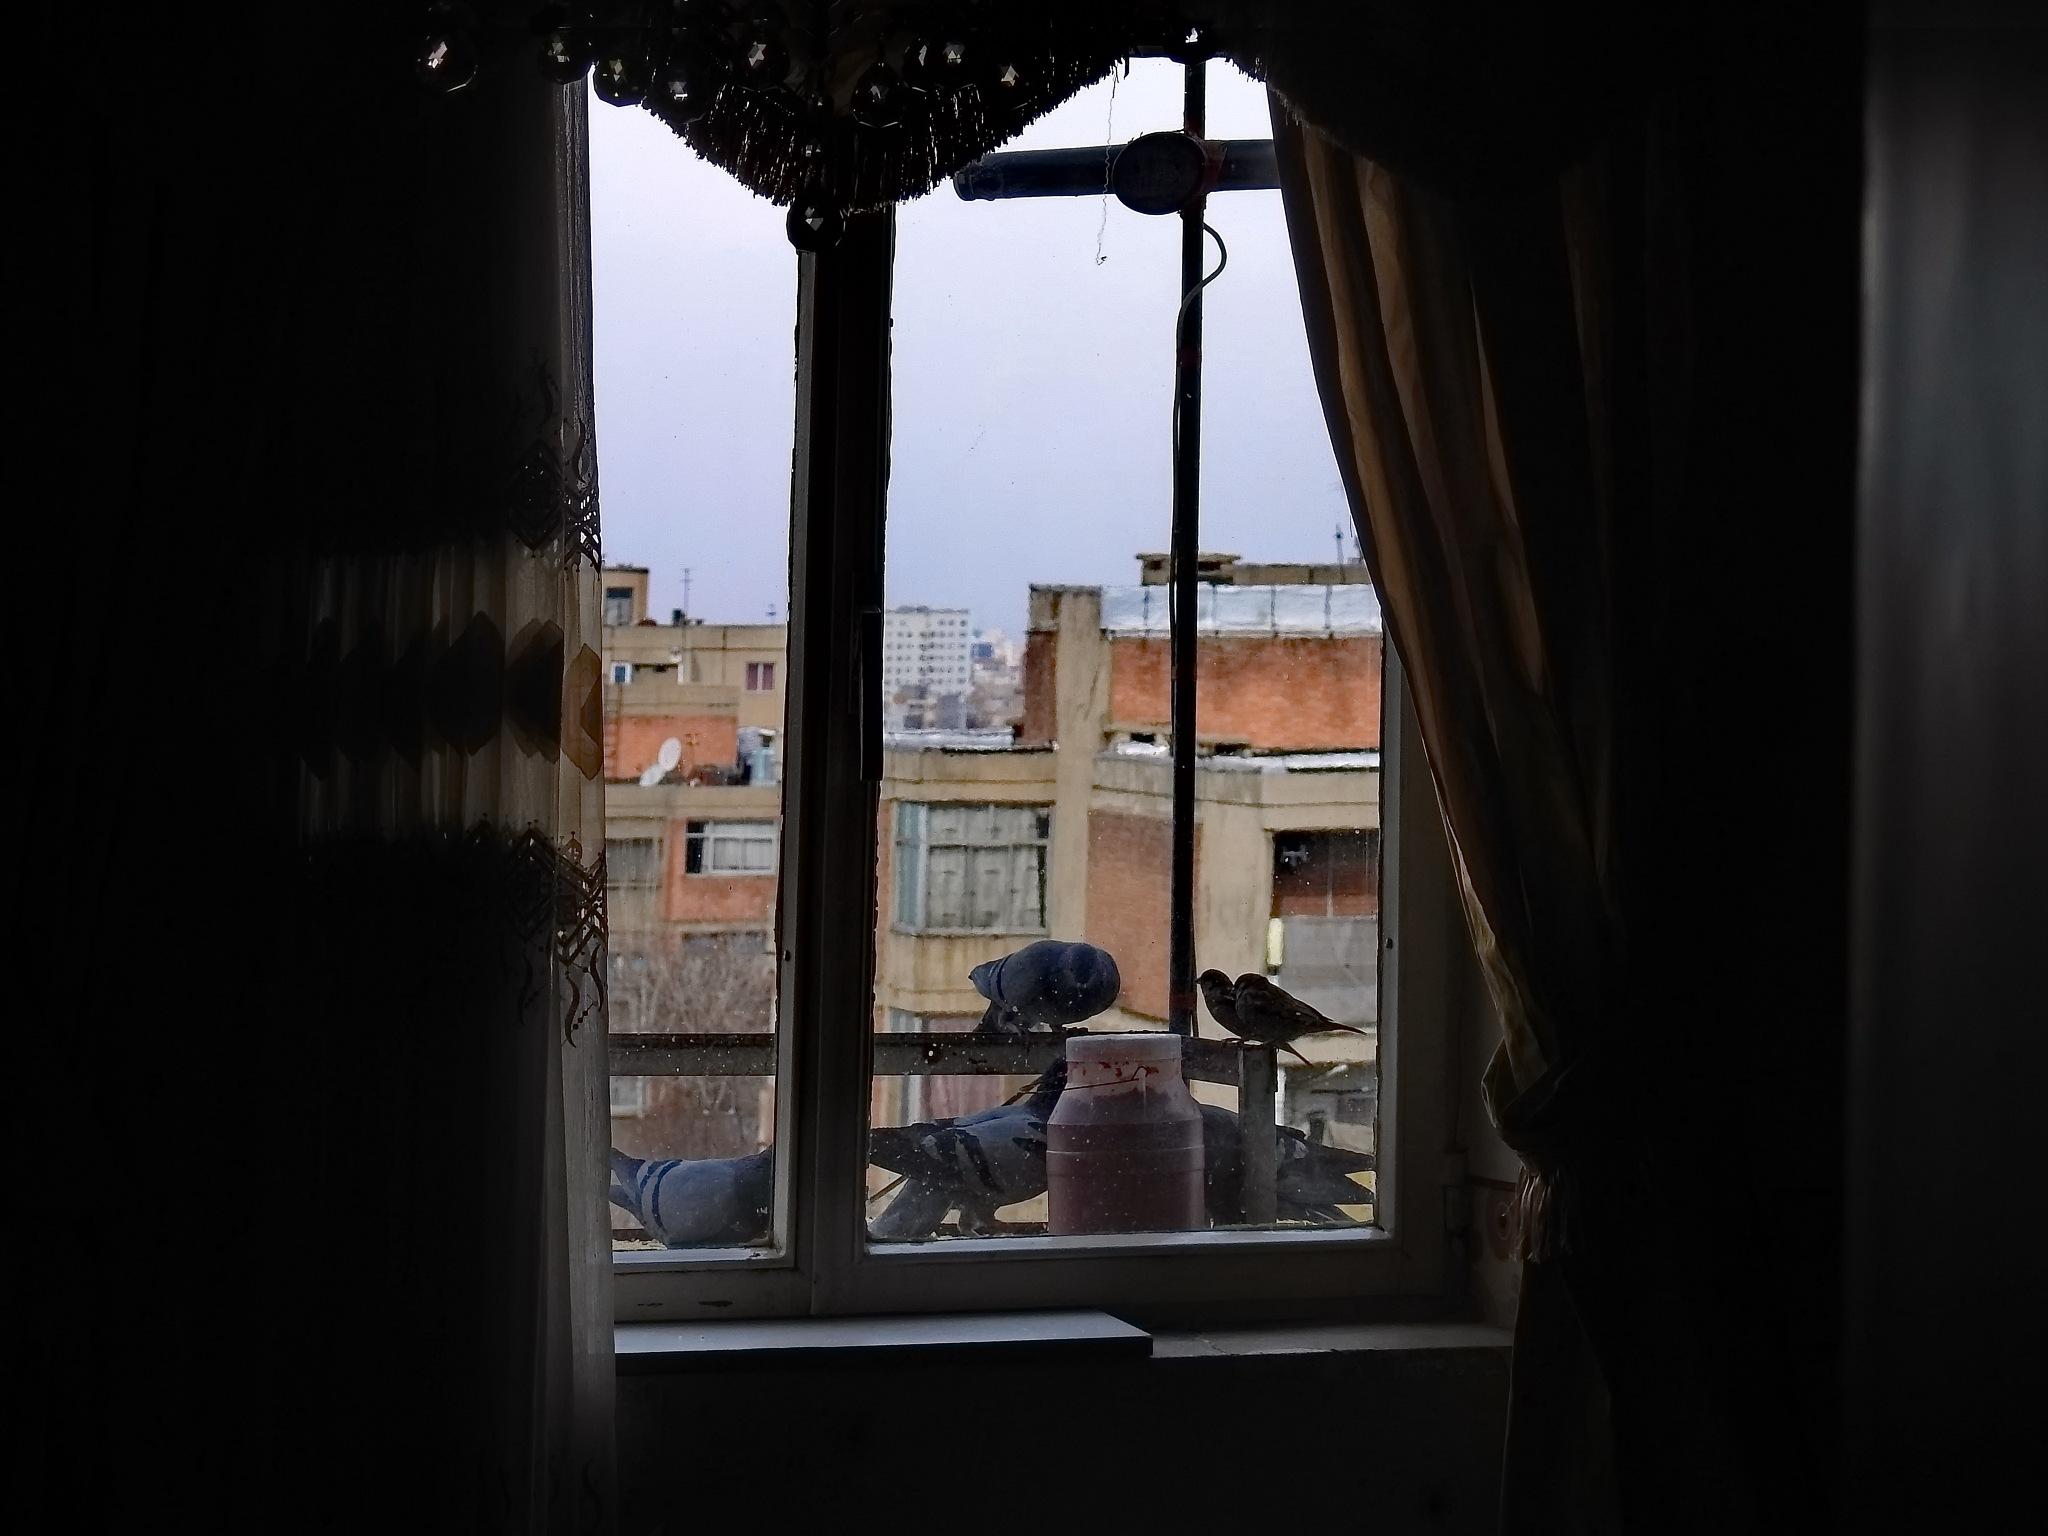 window by Aahmad Hezavei